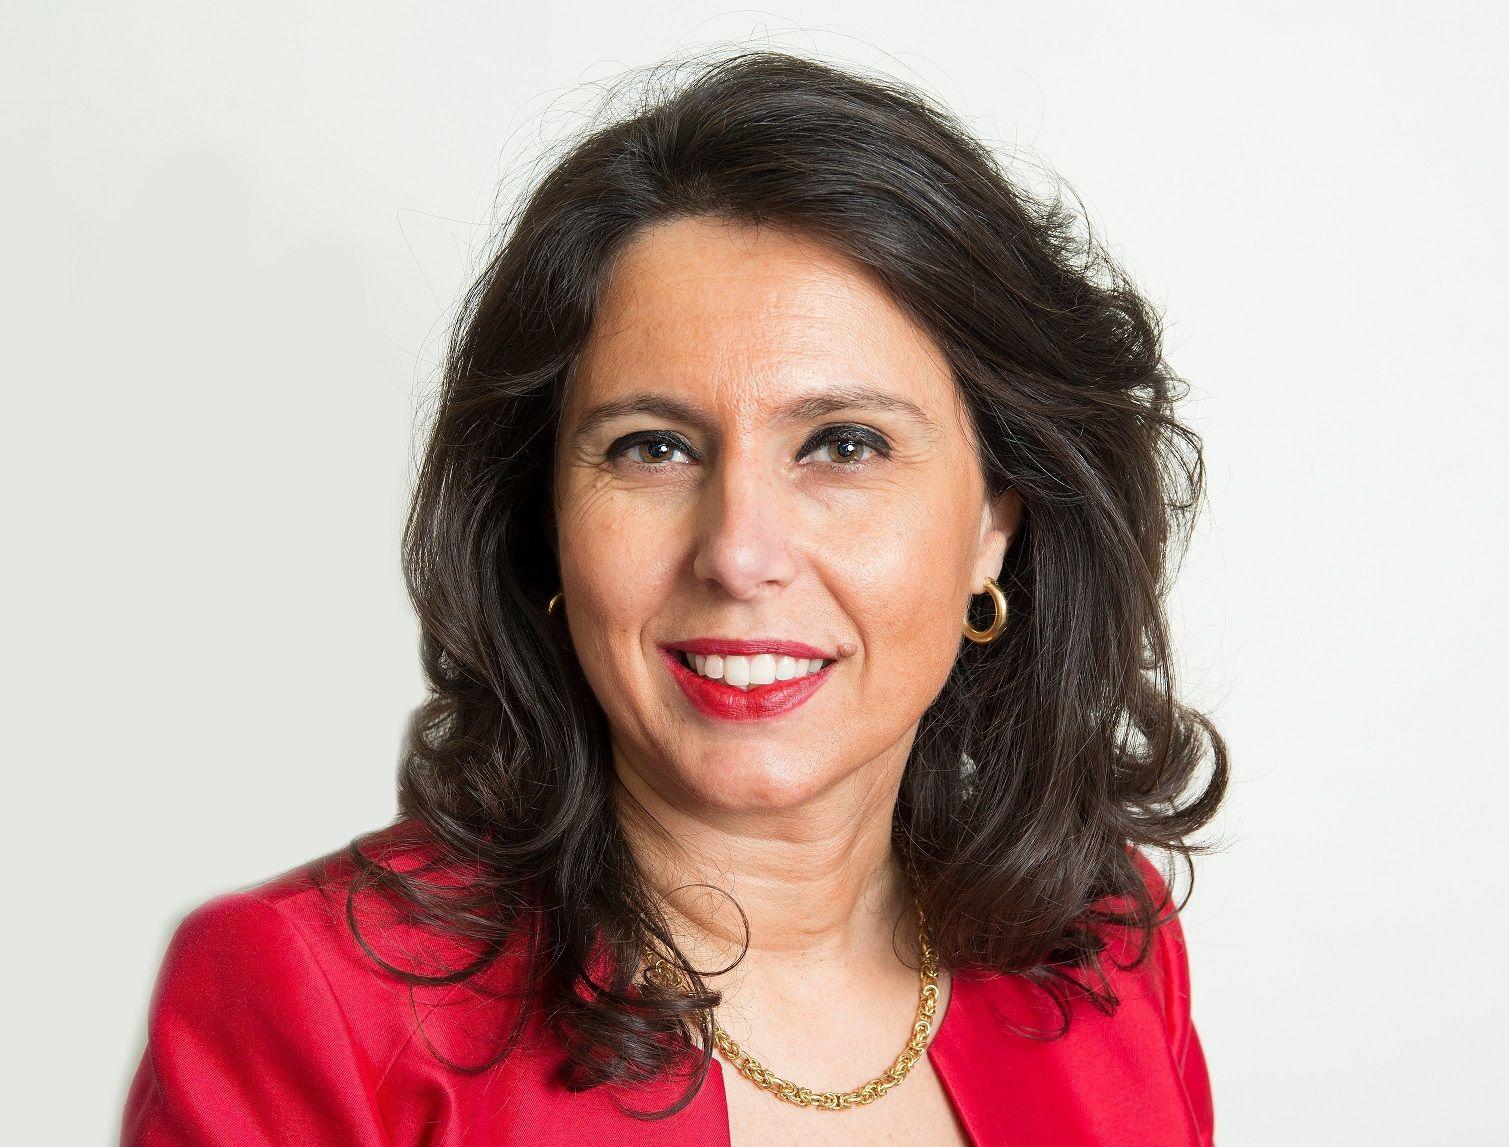 Sara Pantuliano